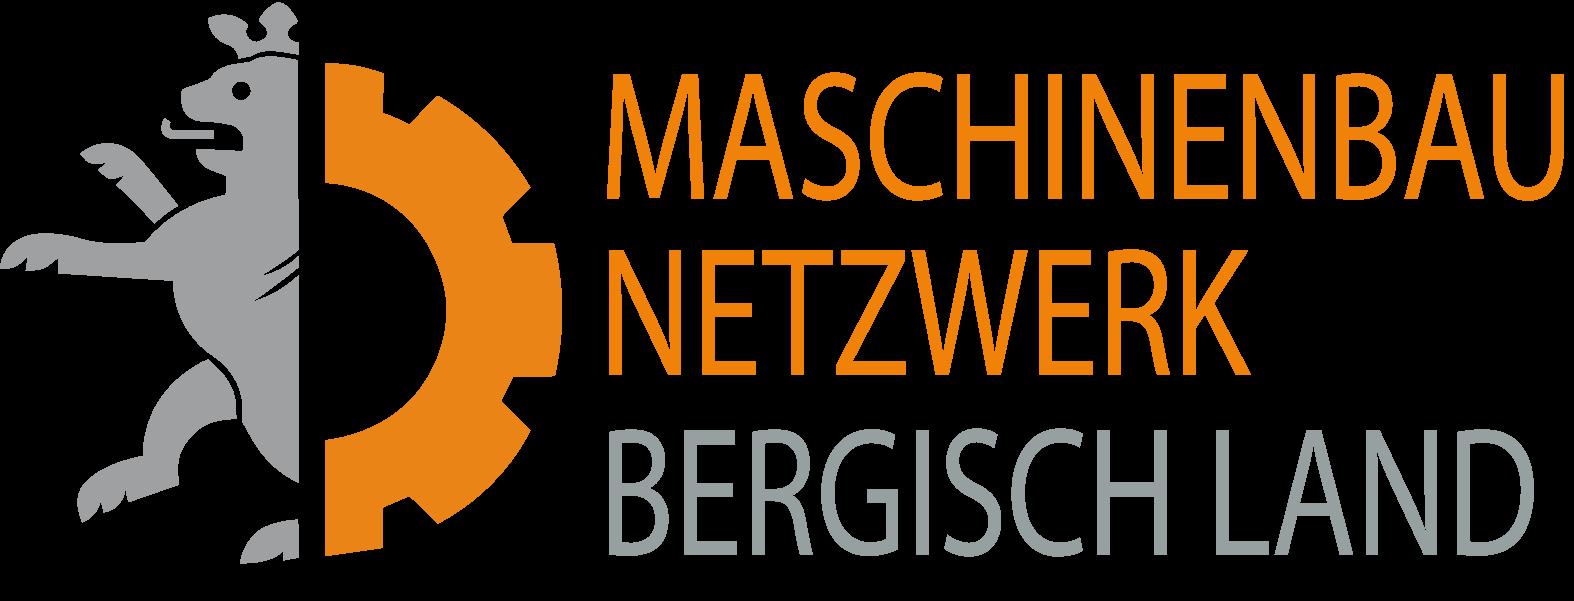 Maschinenbaunetzwerk Bergisch Land